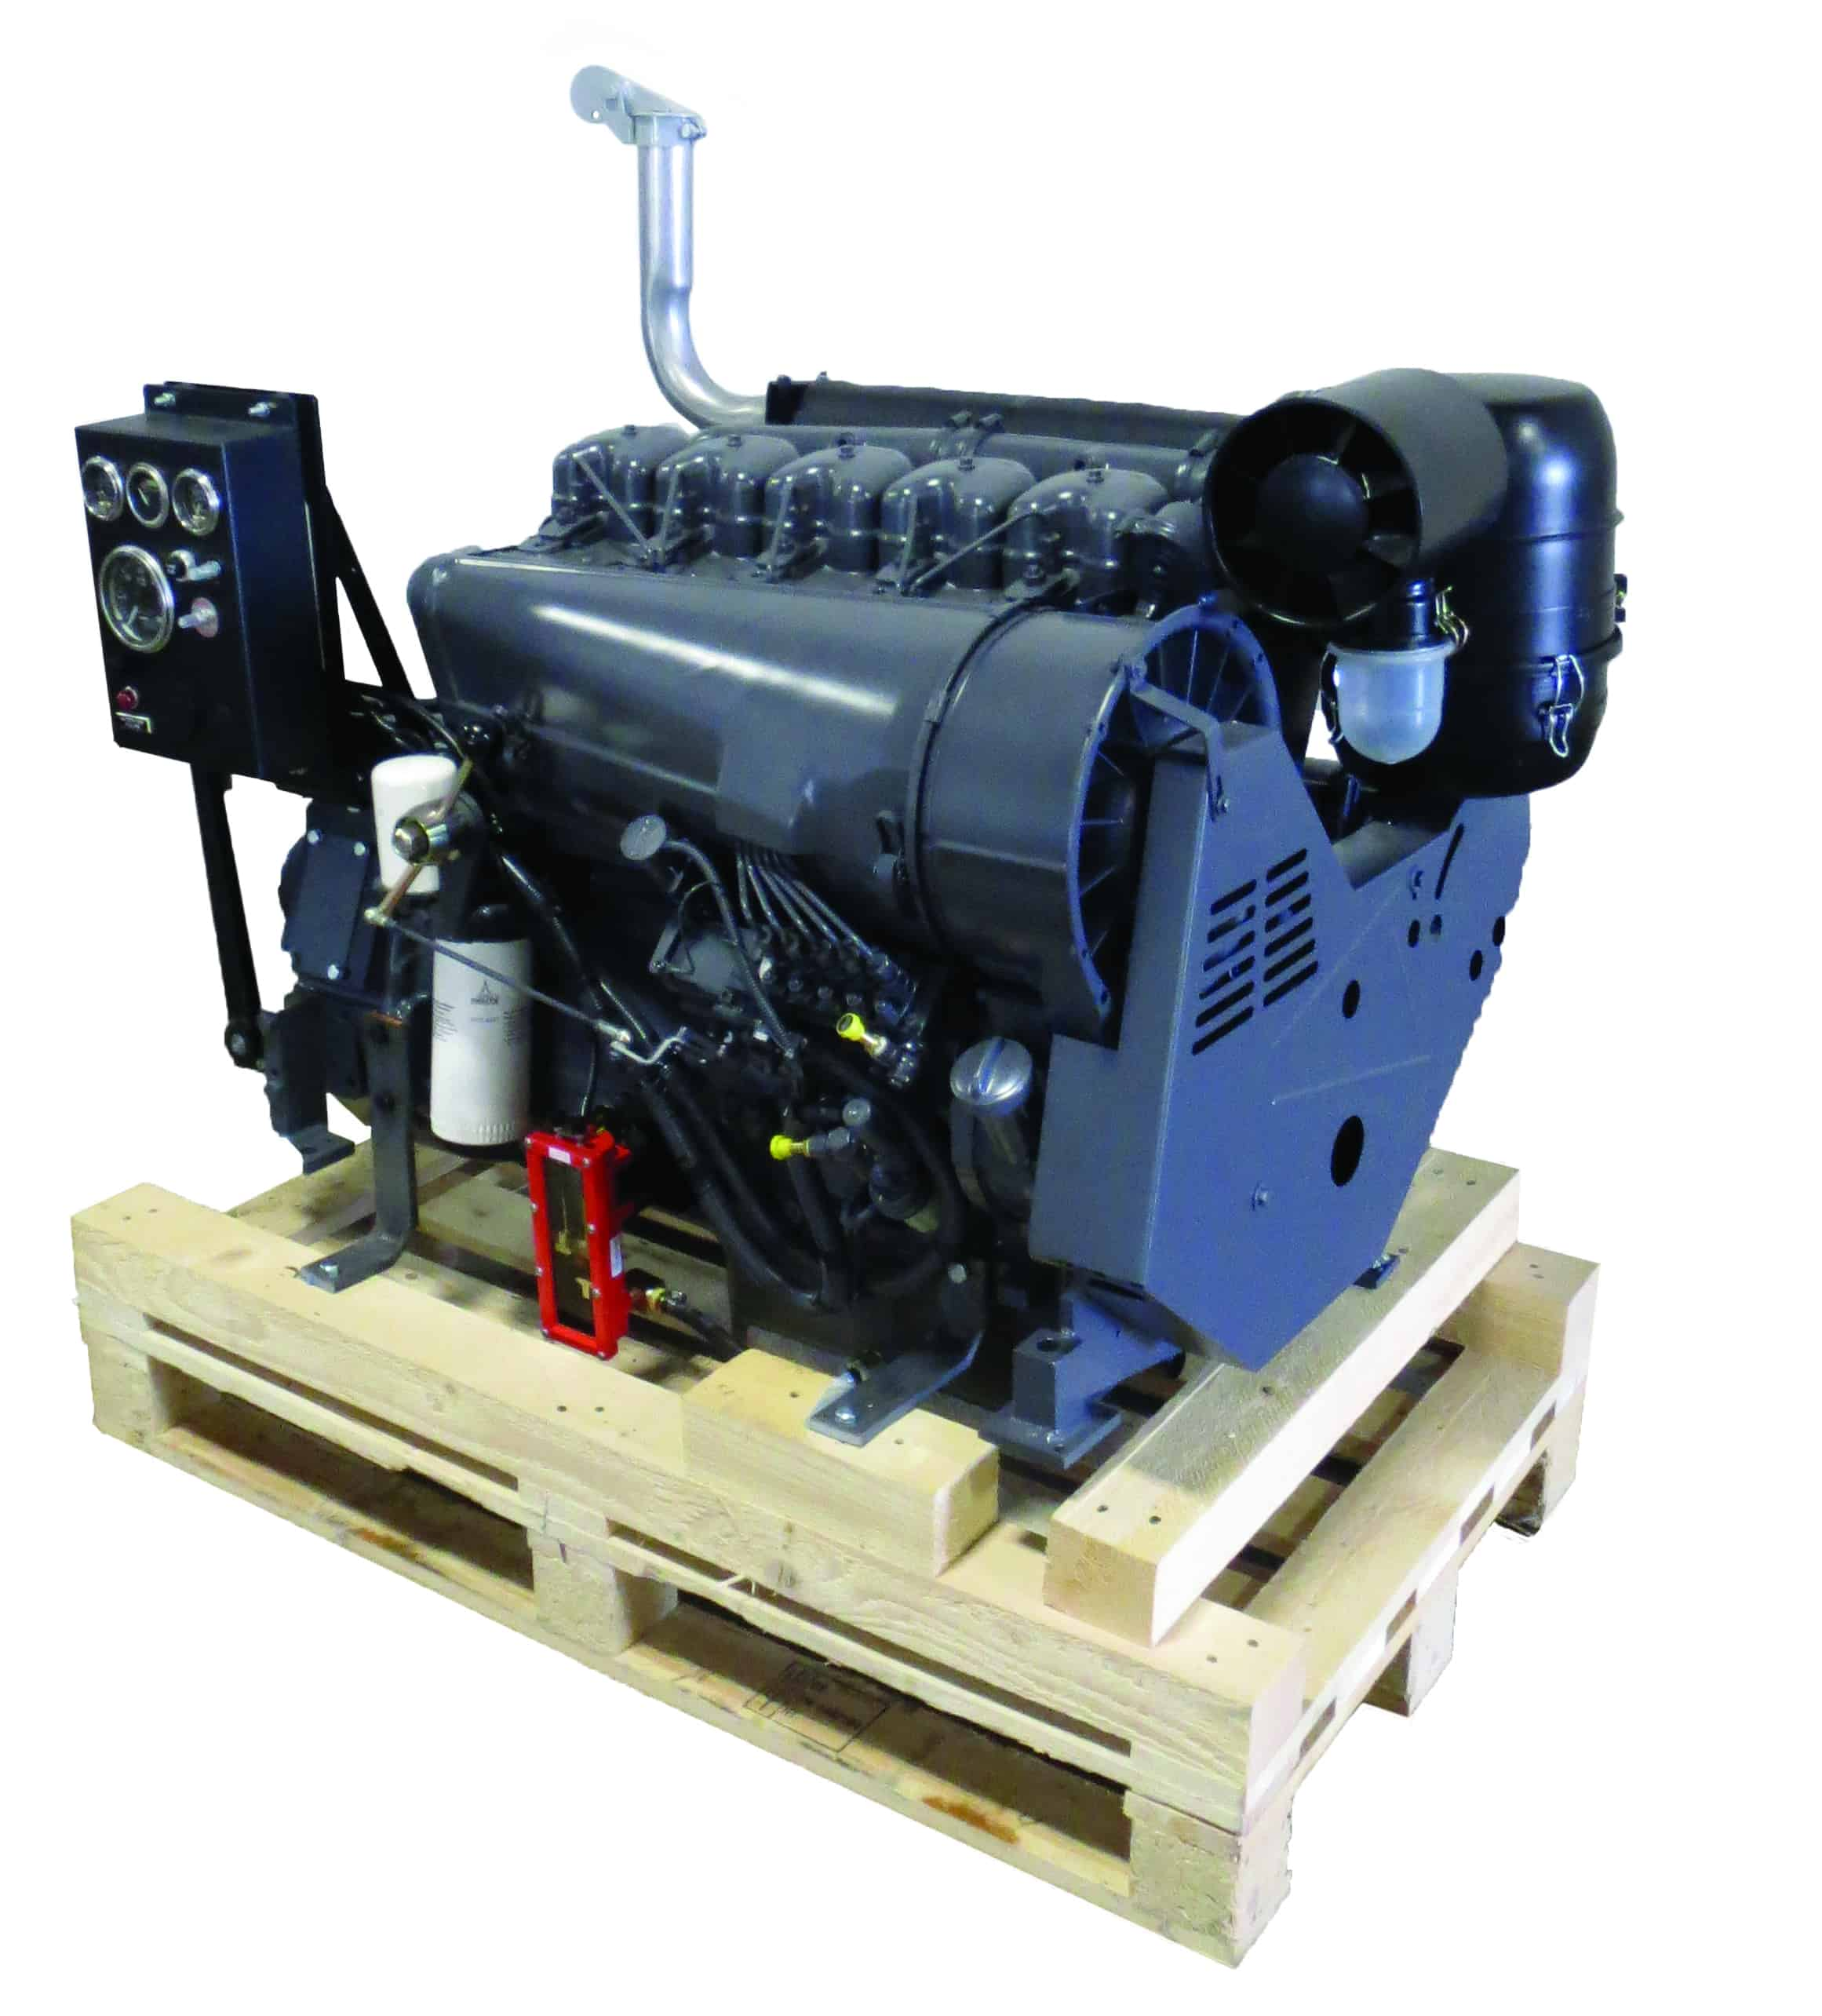 deutz 914 wiring diagram advance mark x dimming ballast engine schematics library